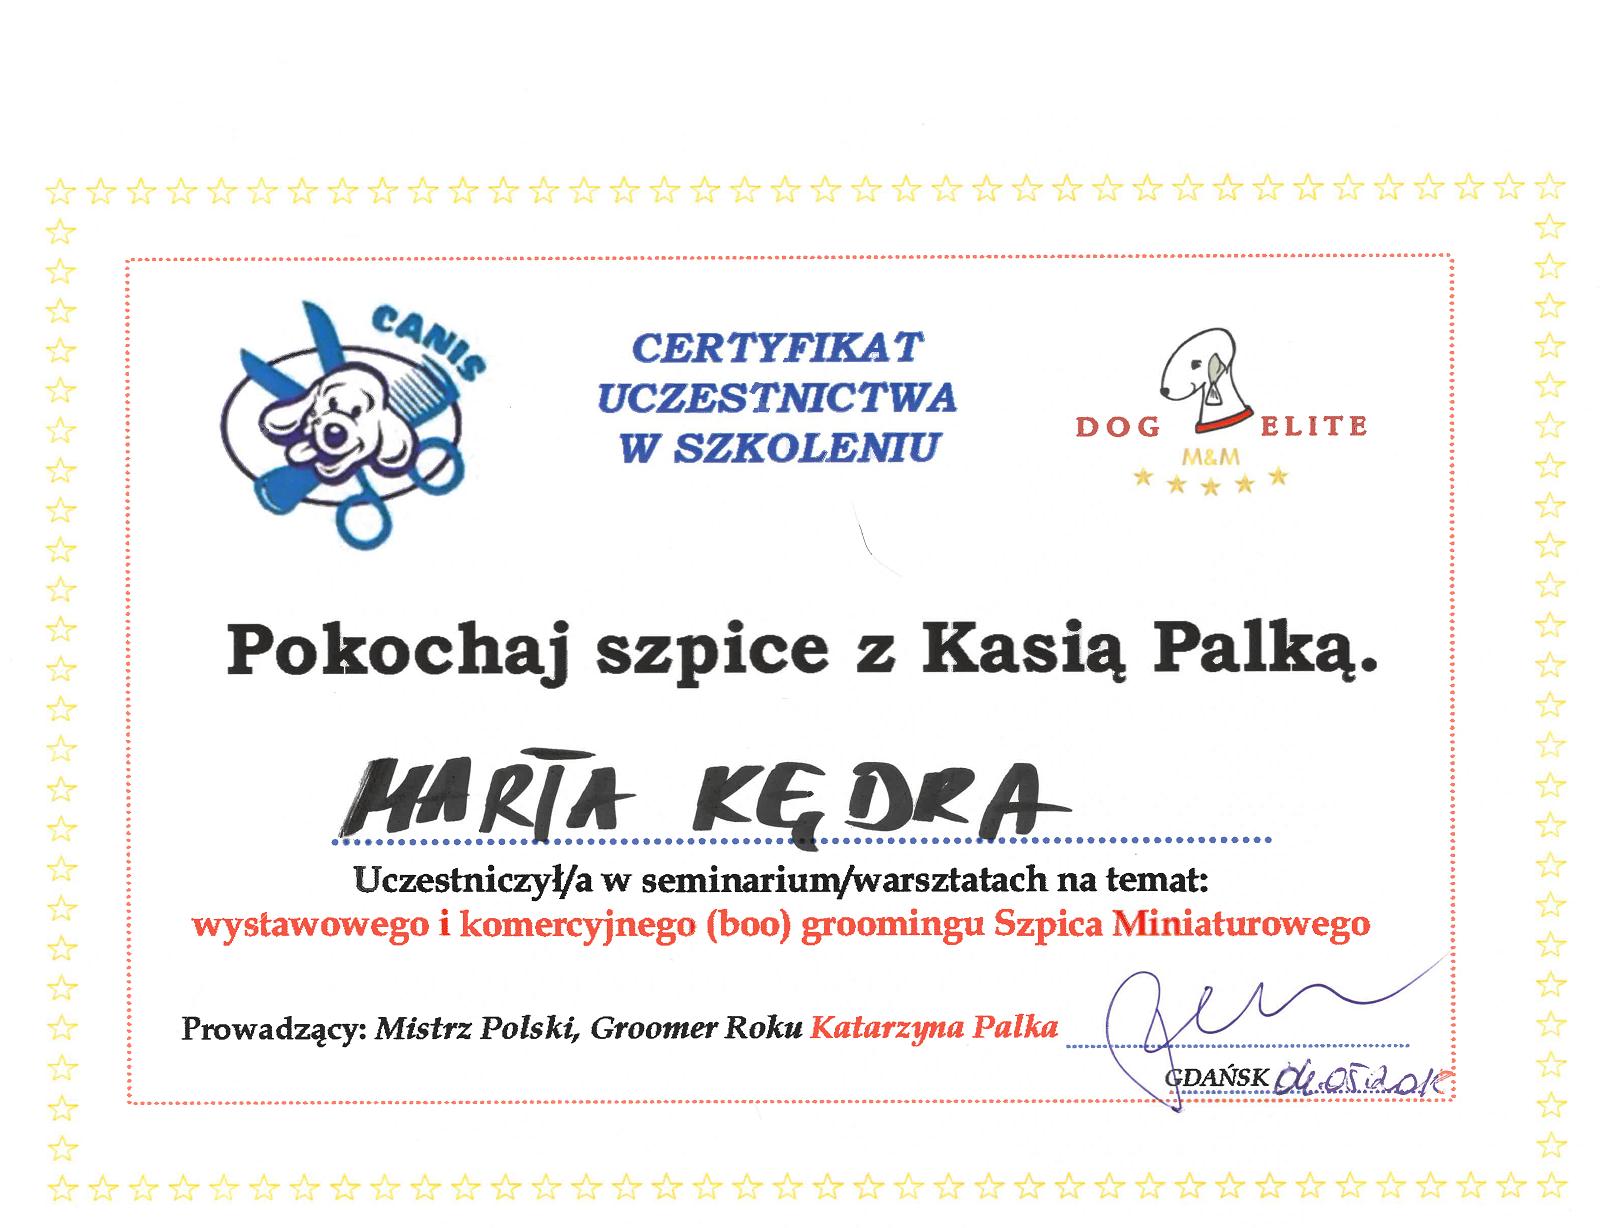 Seminarium i warsztat z przygotowania rasy pomeranian - instruktor Katarzyna Palka. Gdańsk 2018.